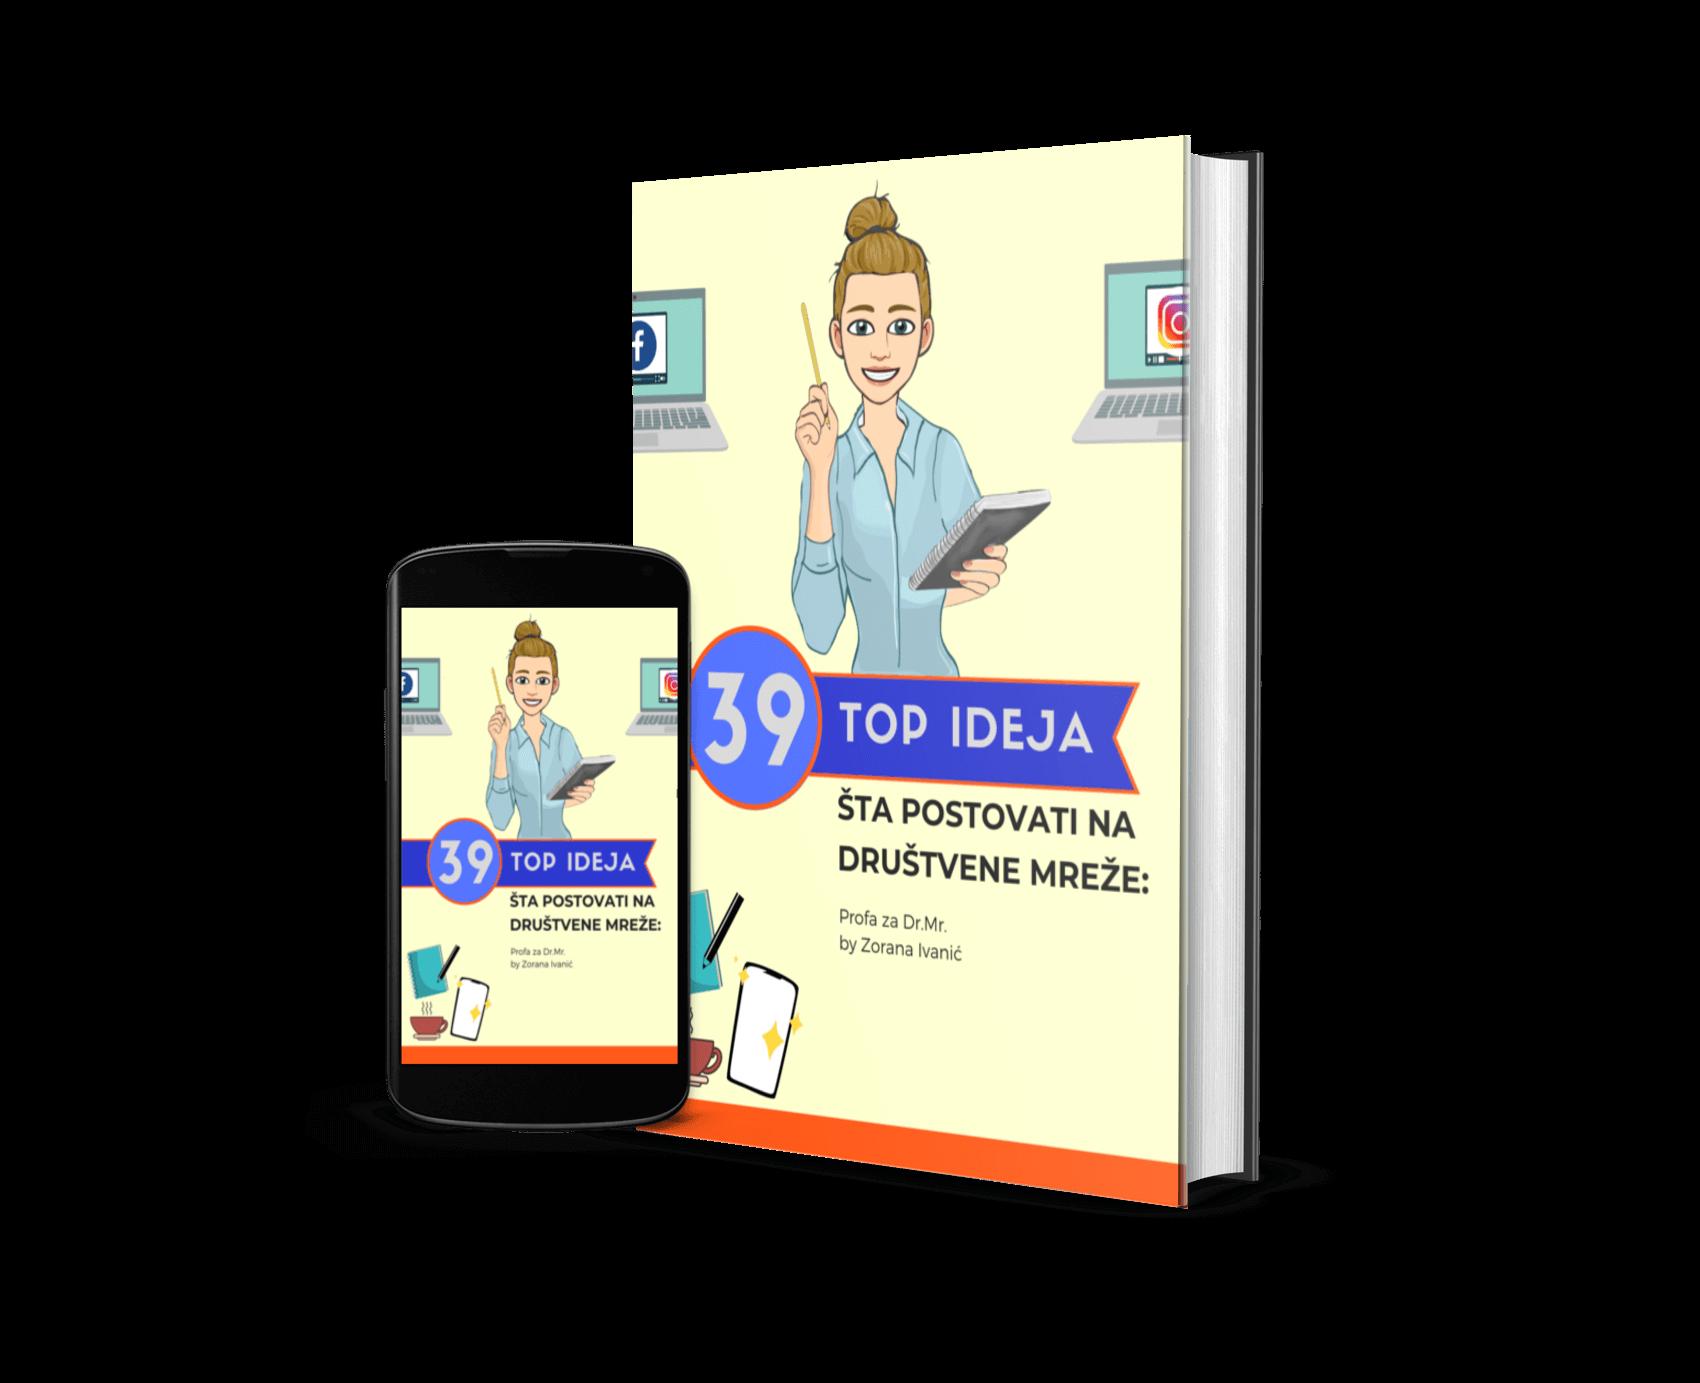 Mobilni telefon i knjiga sa naslovom: Šta postovati na društvene mreže? 39 TOP ideja